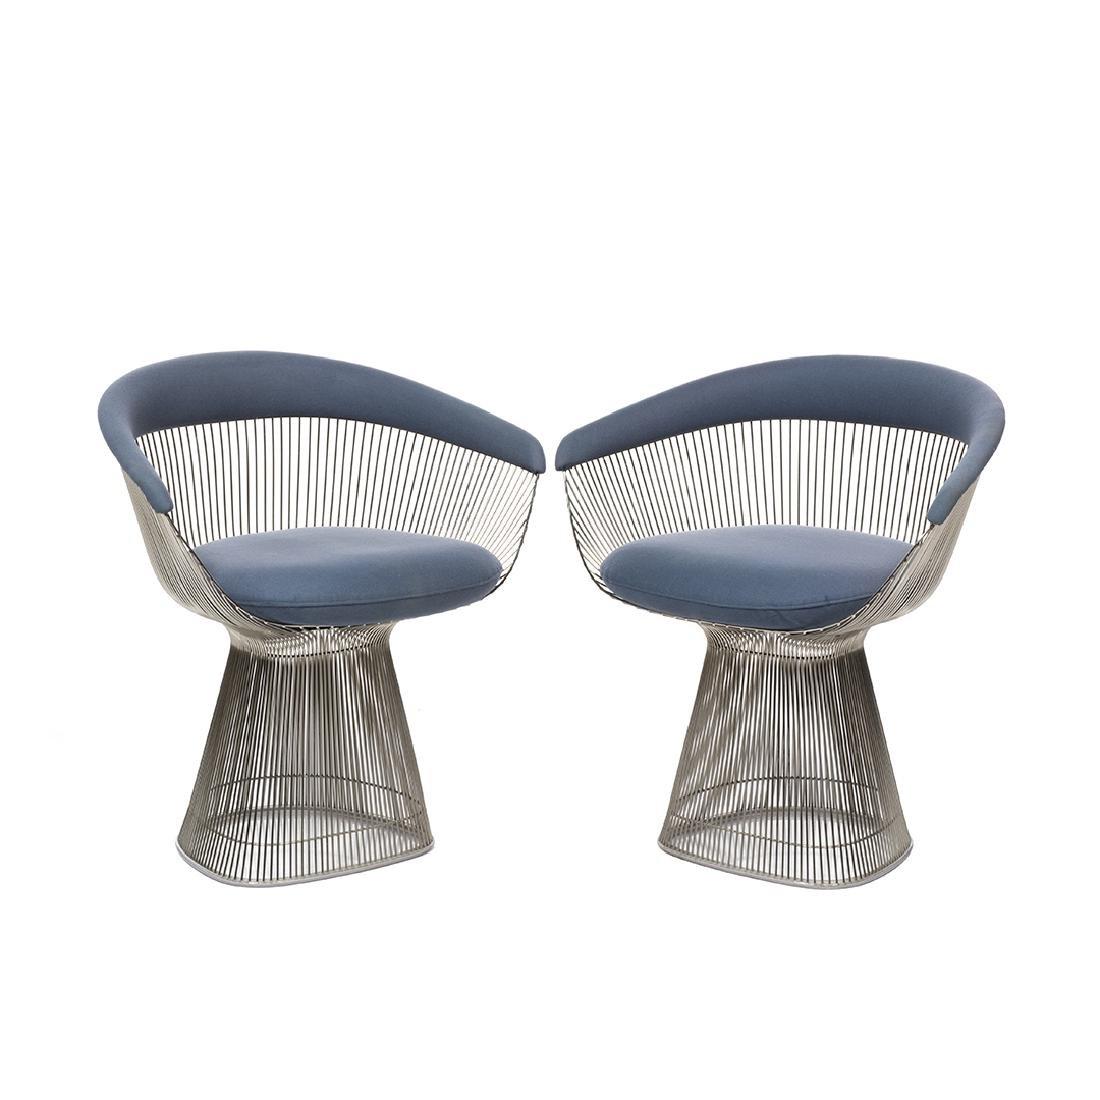 Warren Platner Chairs (2)